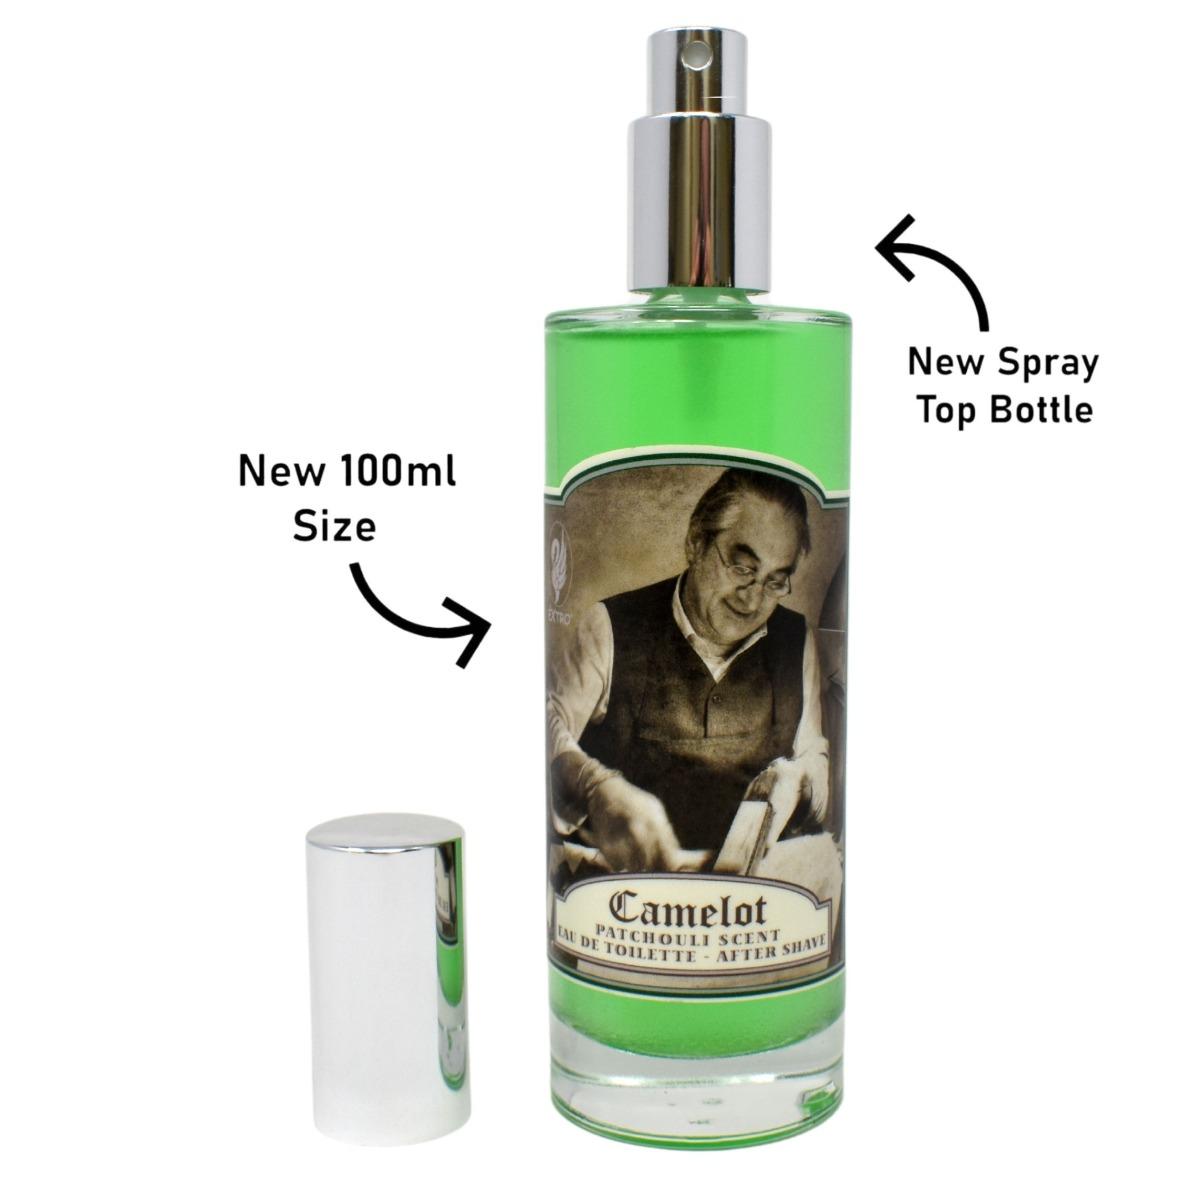 Extro Cosmesi Camelot Eau de Toilette Aftershave 125ml